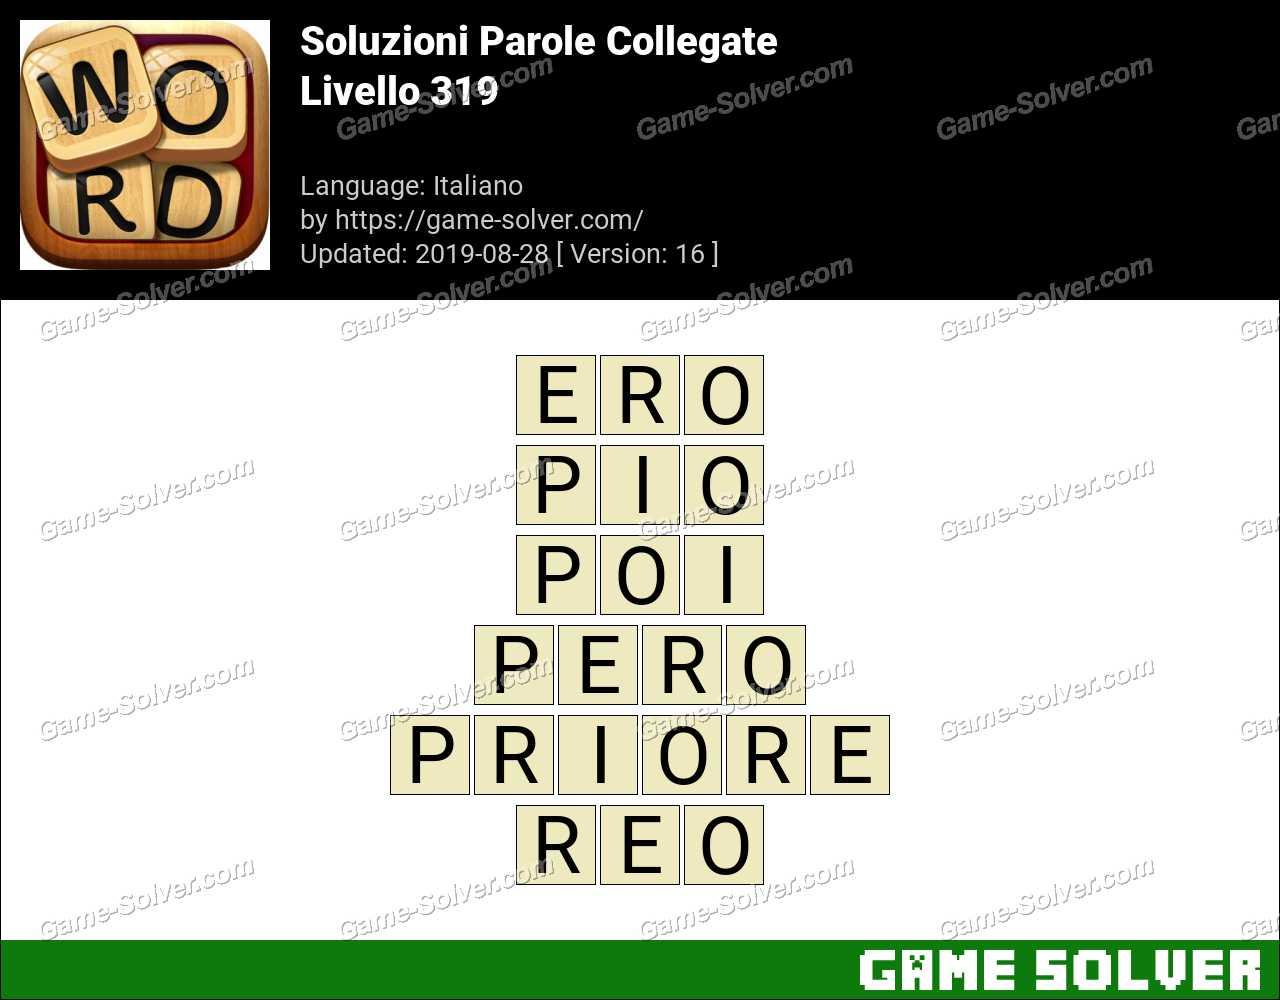 Soluzioni Parole Collegate Livello 319